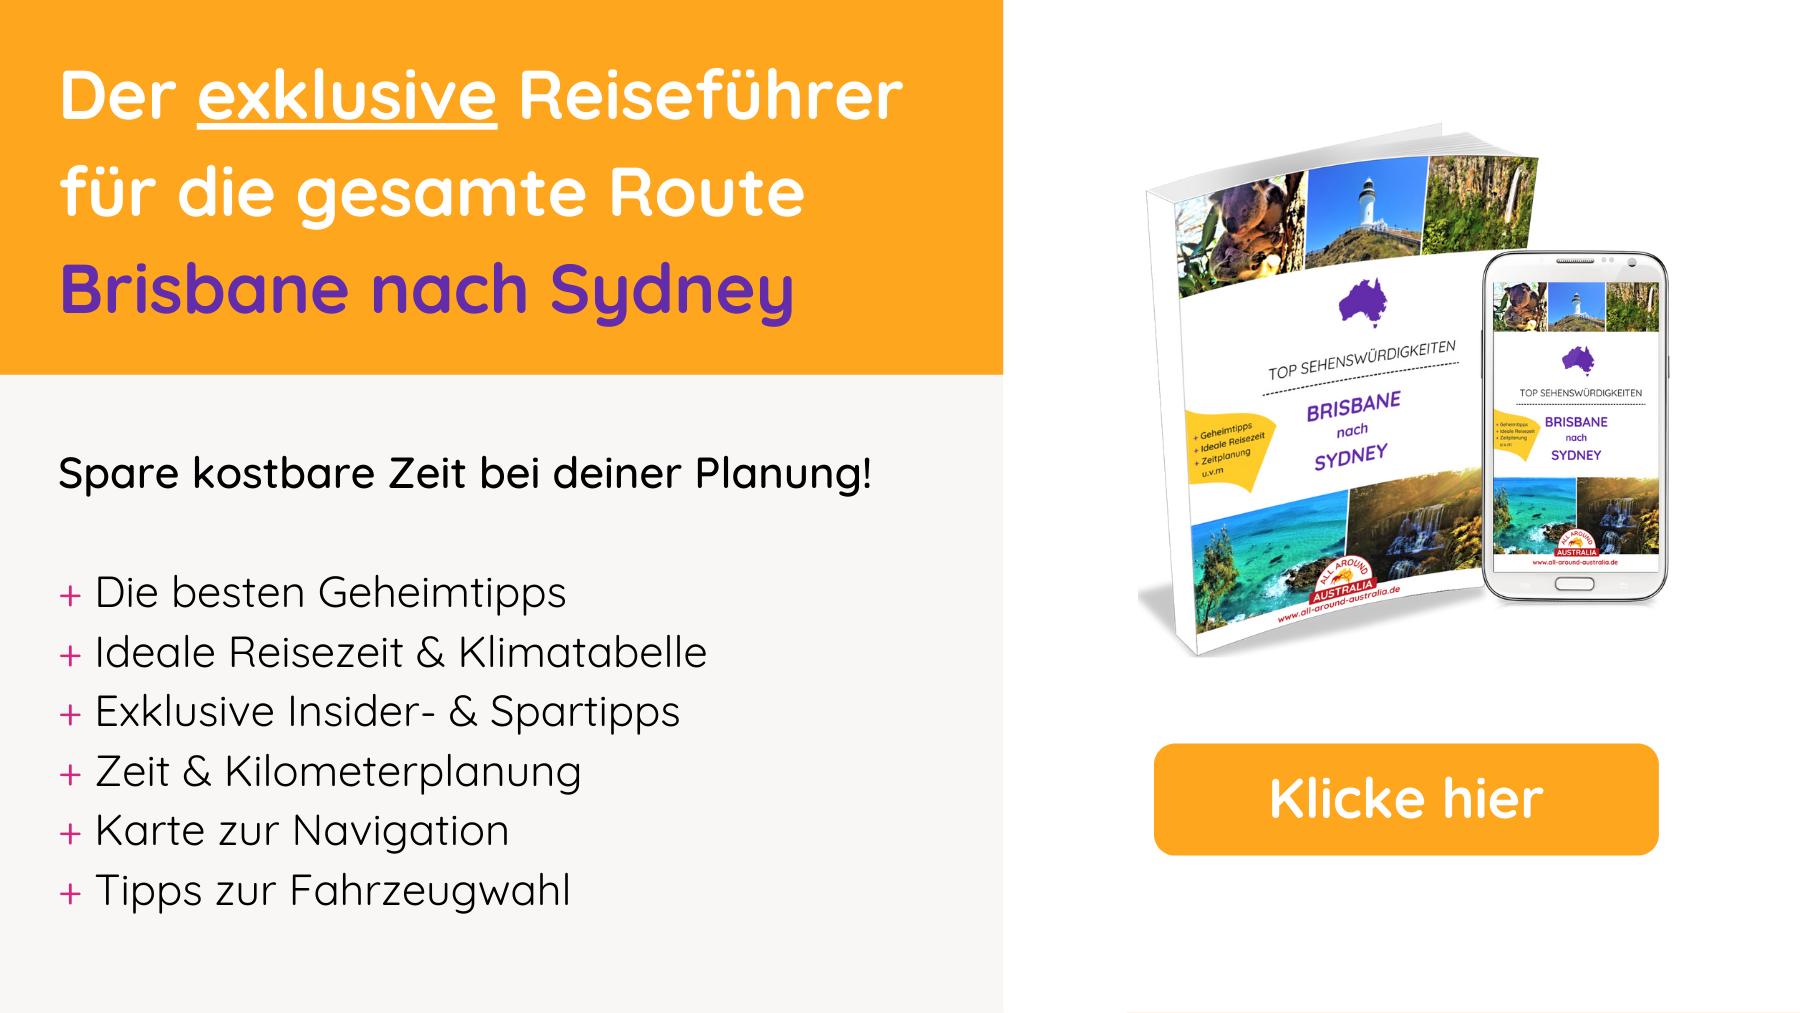 Reiseführer Brisbane nach Sydney